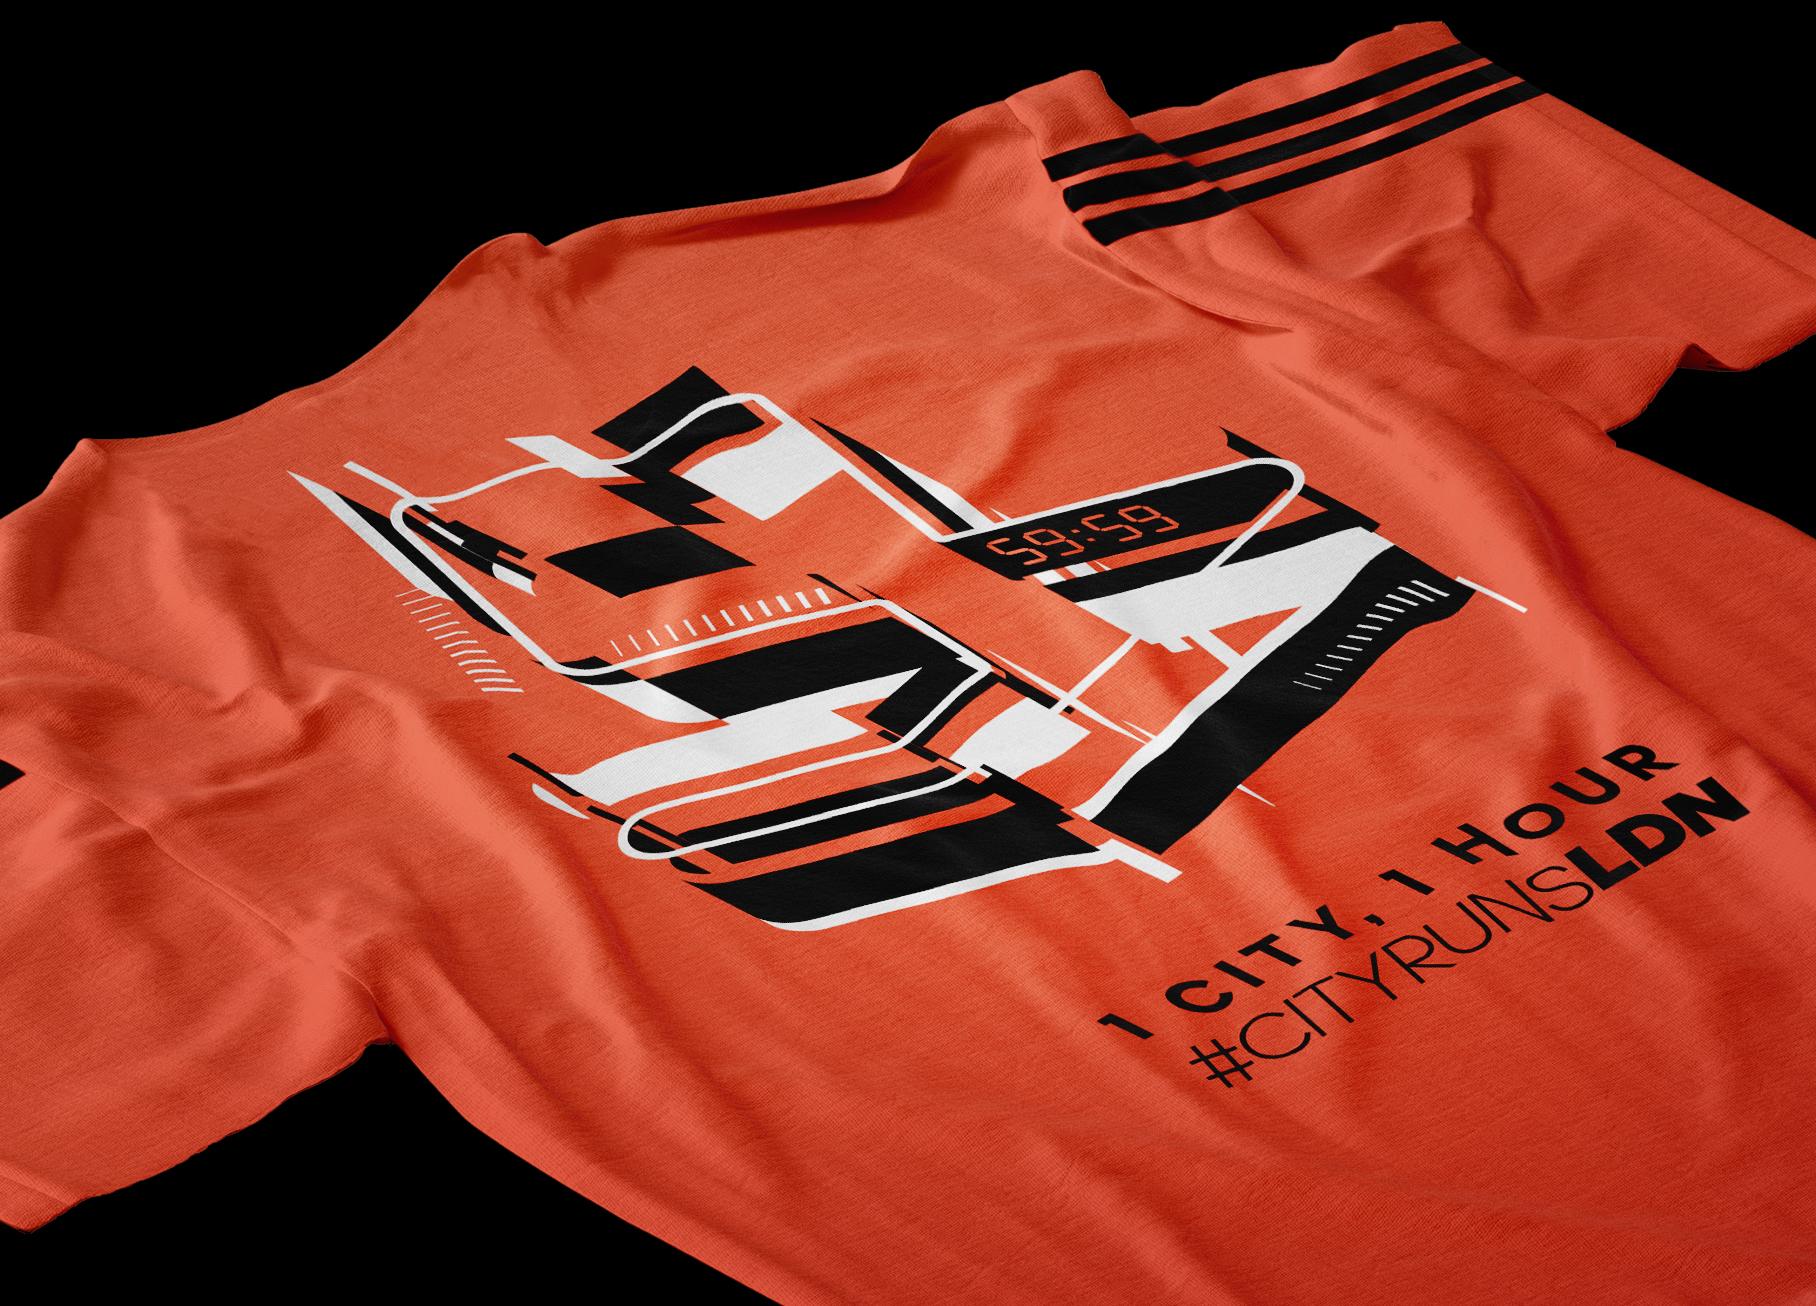 acr-tshirt-mockup-1